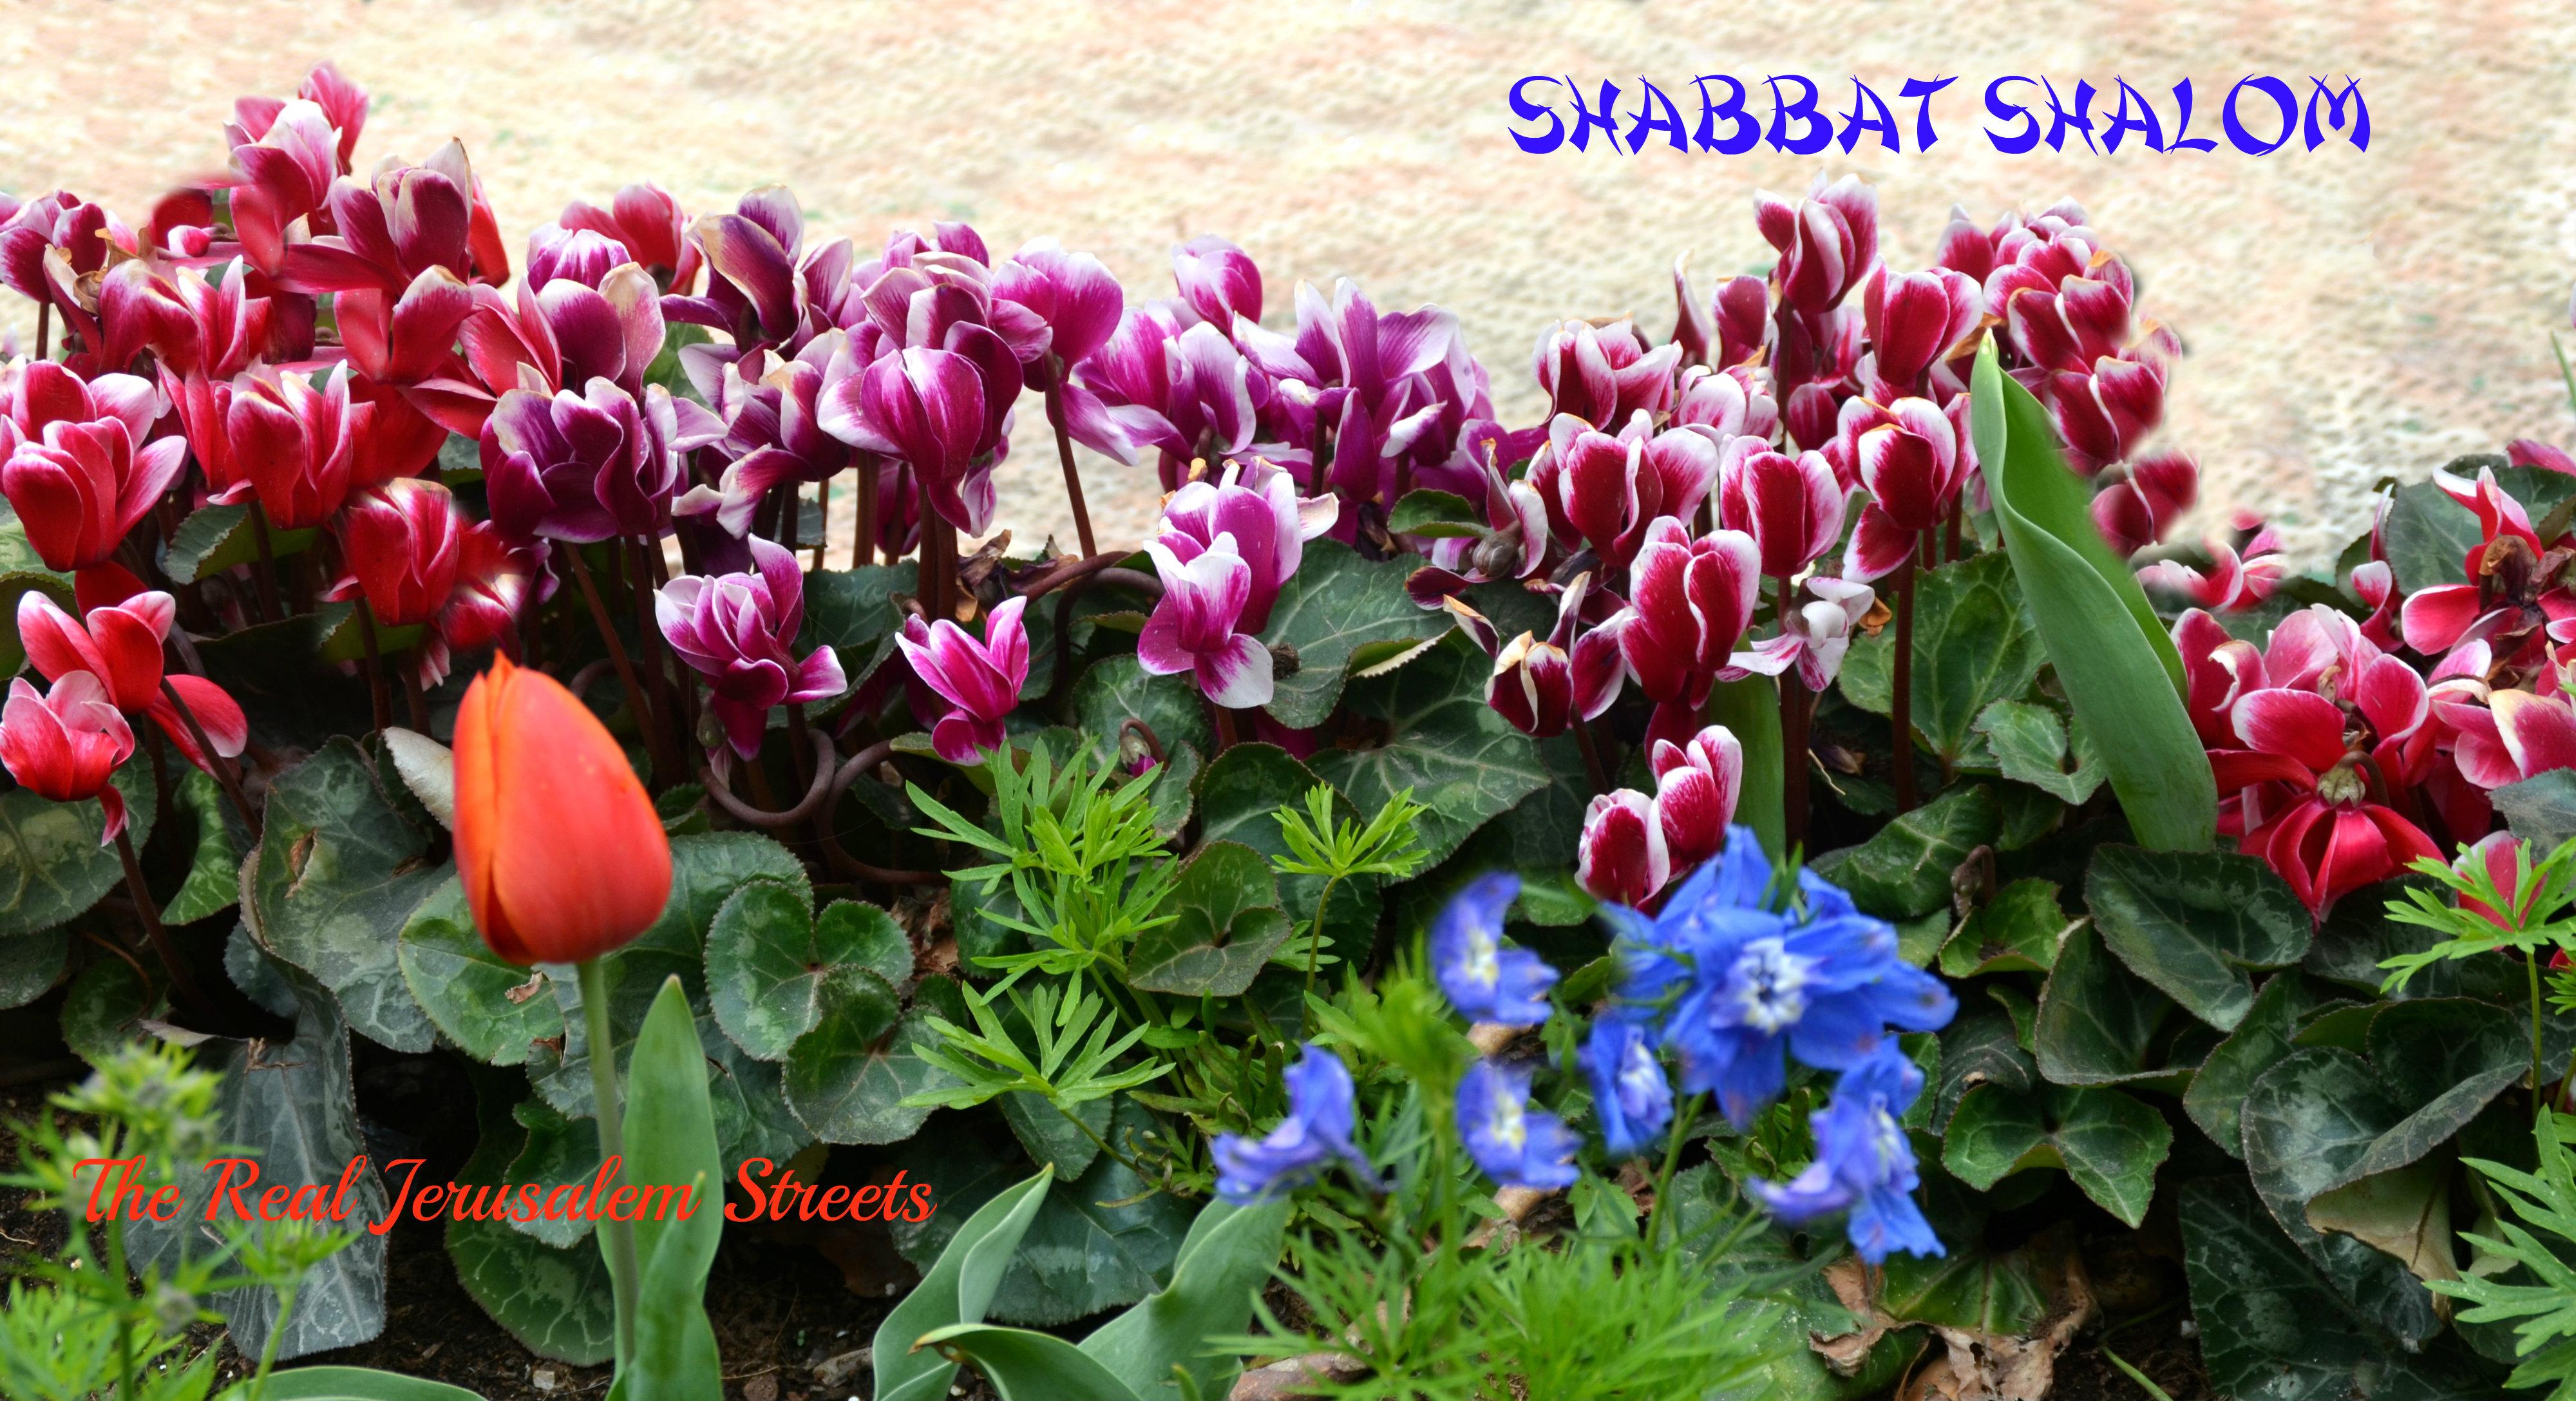 Shabbat Shalom The Real Jerusalem Streets